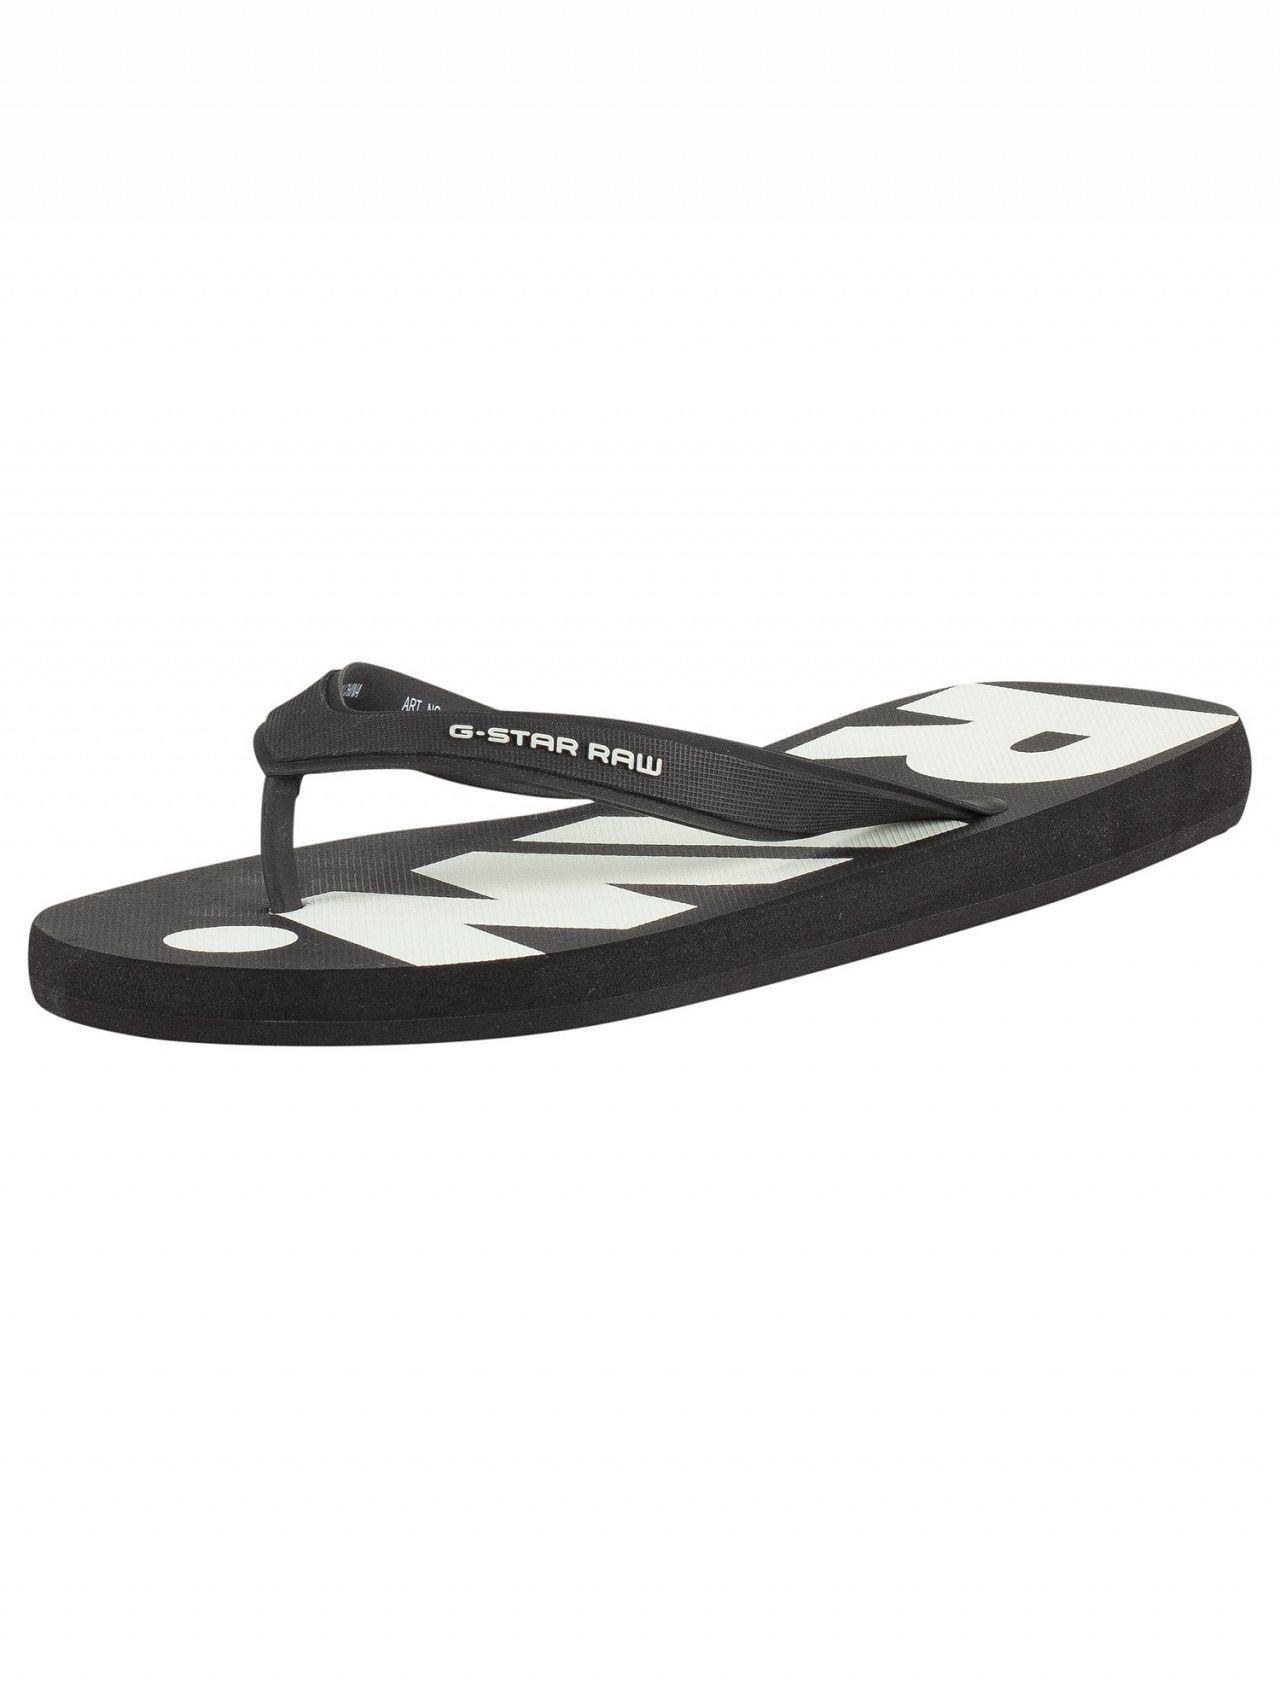 46273fb6db6 Lyst - G-Star RAW Black white Dend Flip Flops in Black for Men ...